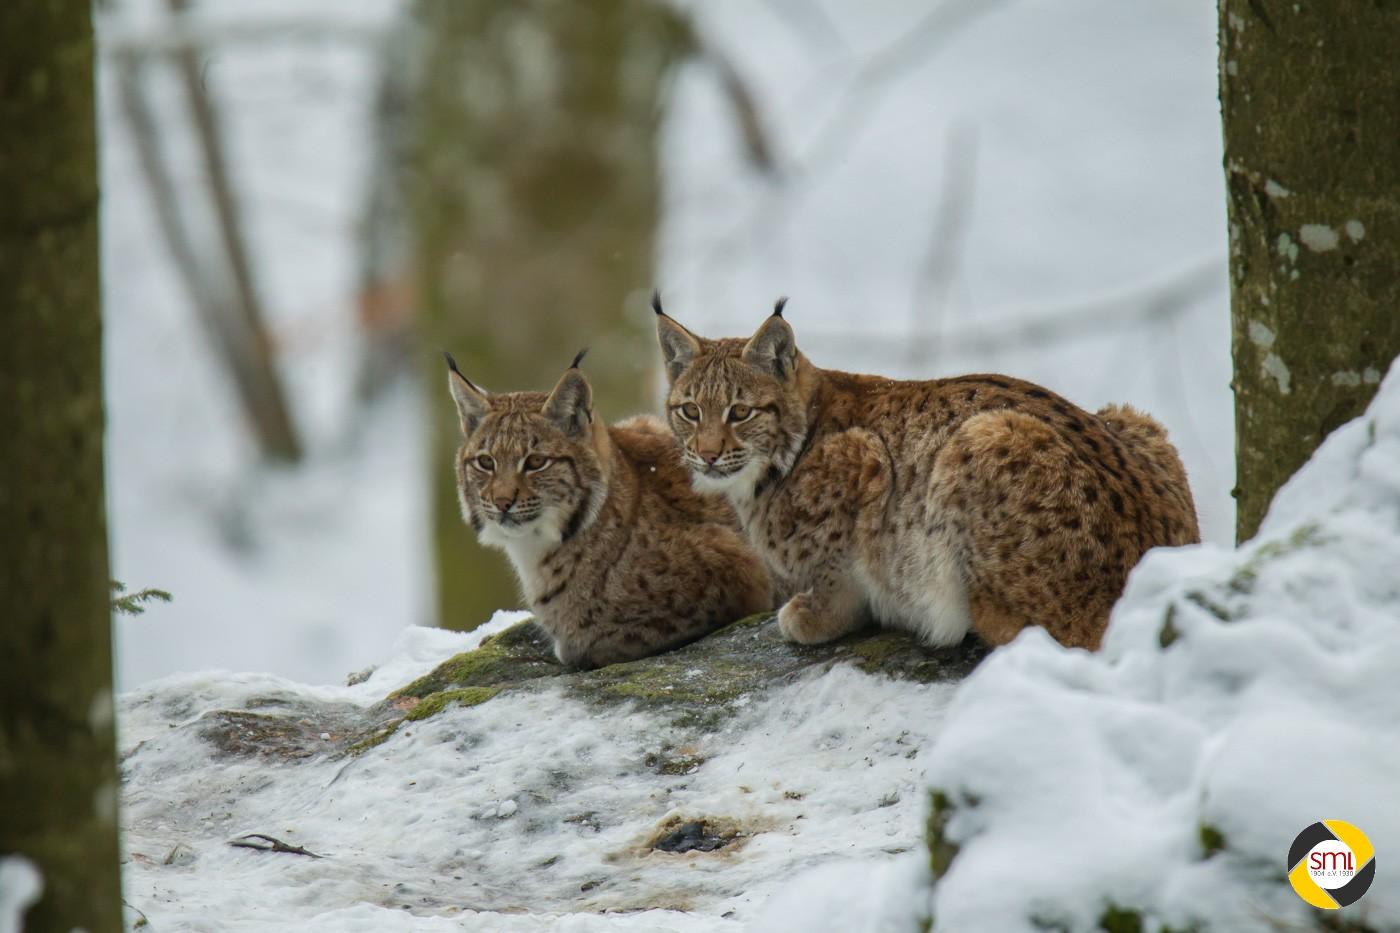 Luchse im Schnee © Christoph Stempfhuber